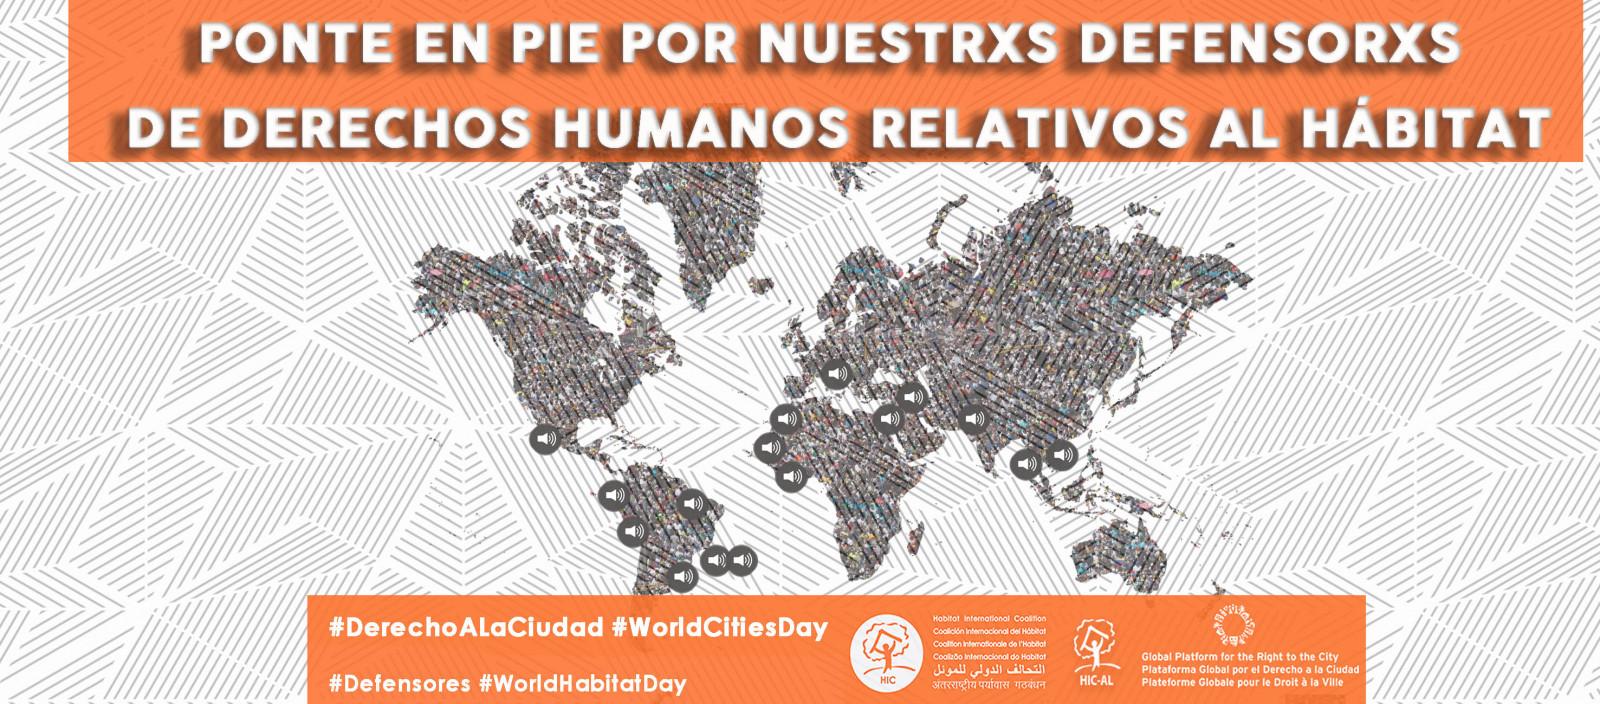 dia Mundial derecho a la Ciudad